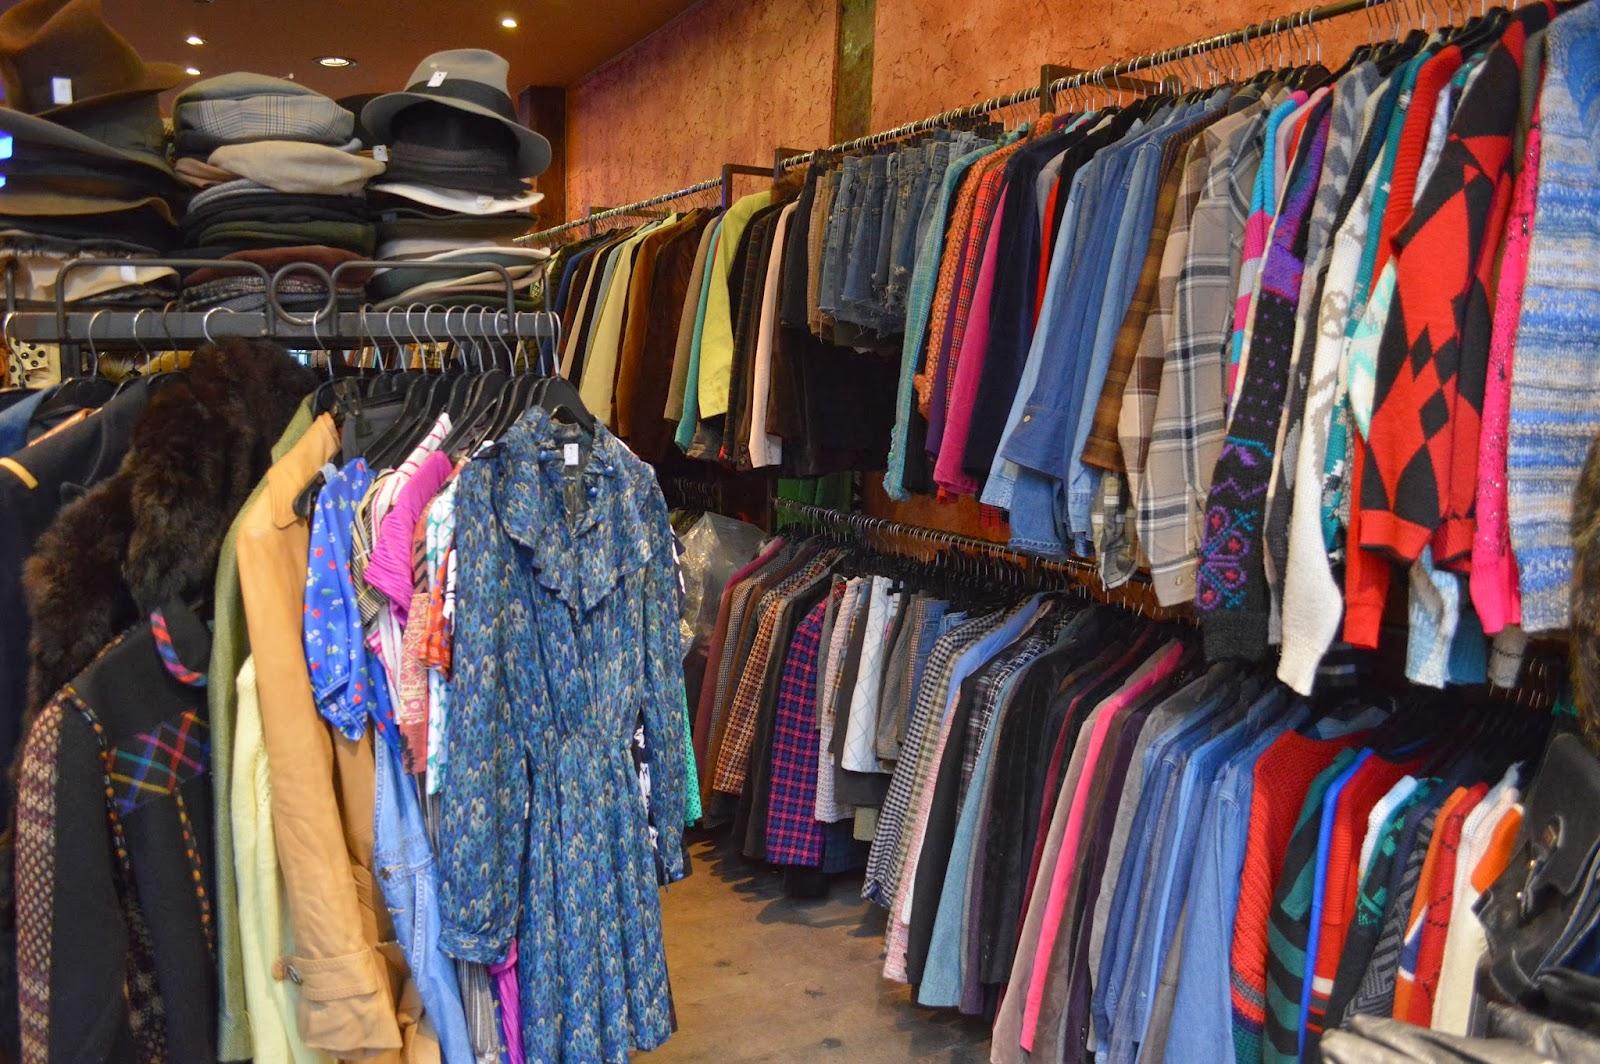 Coiffeur Vintage shopping in Le Marais Paris